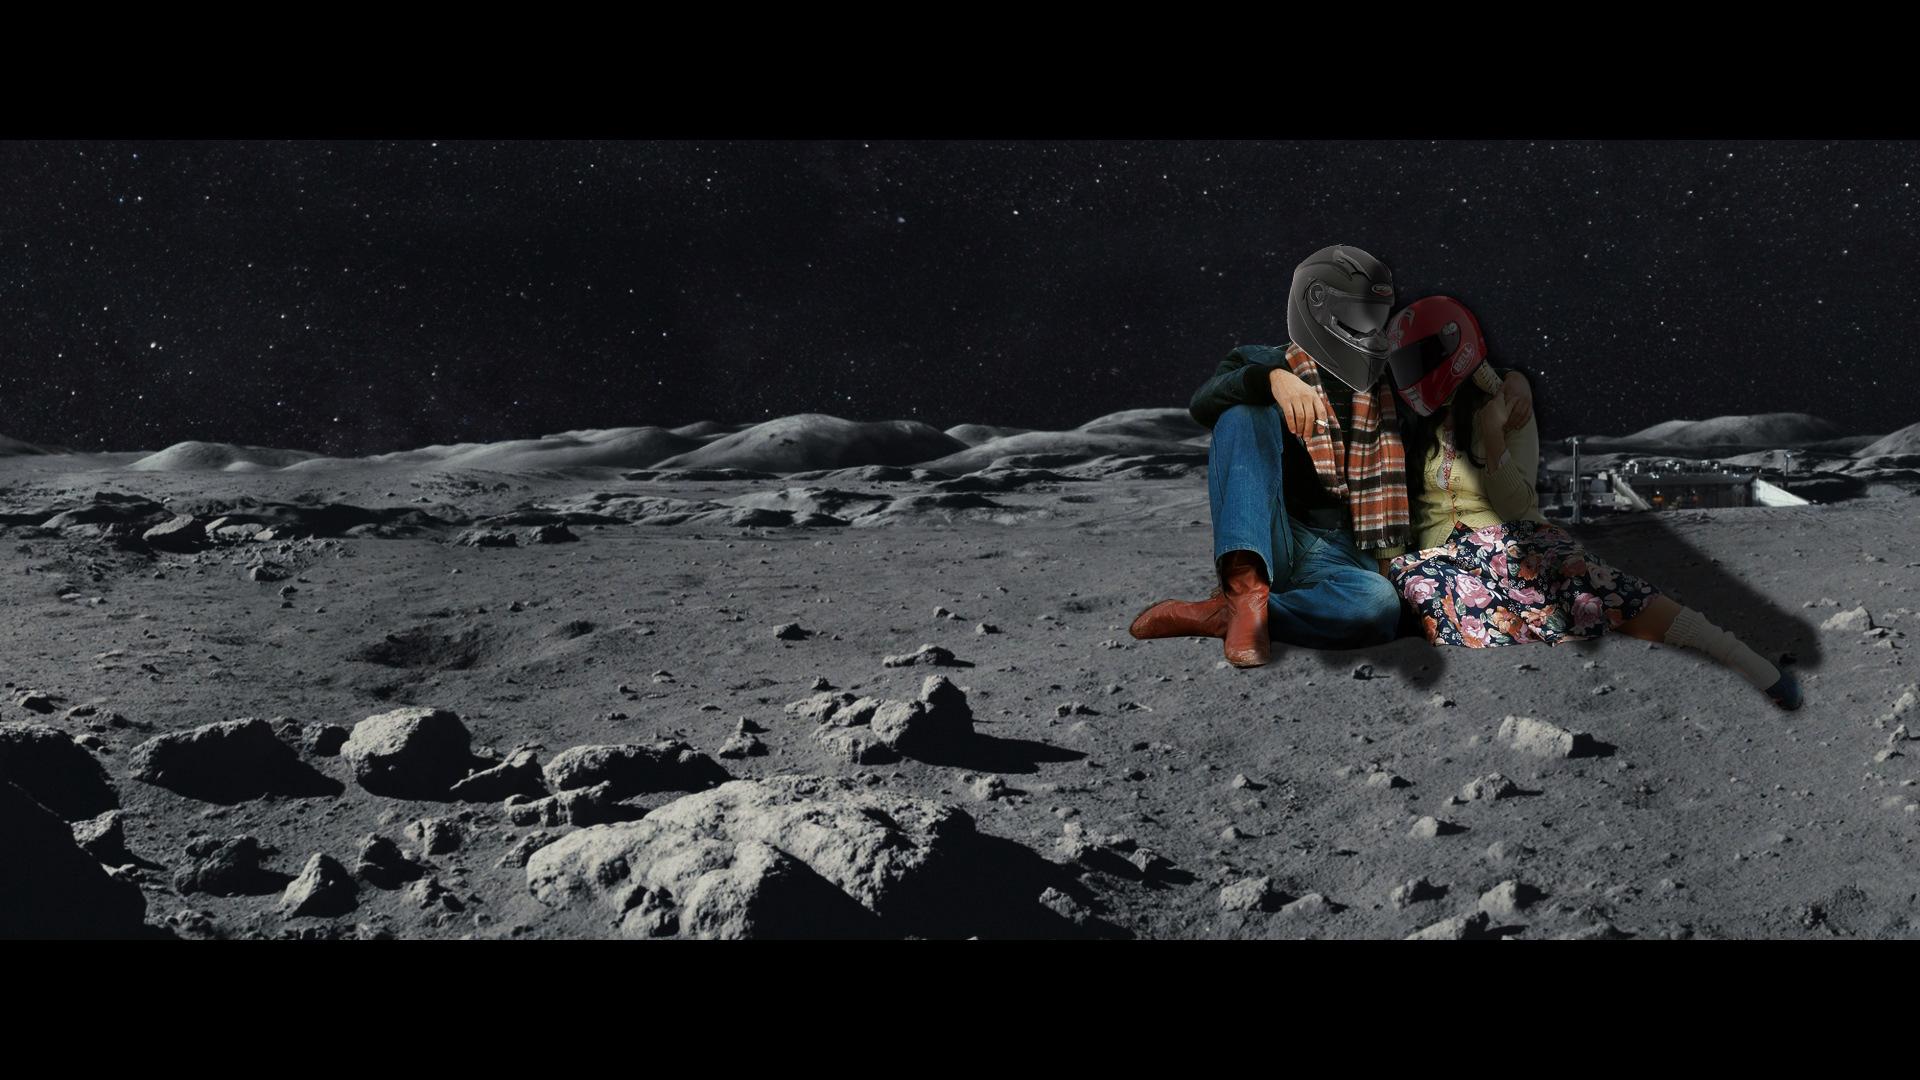 Як я на місяці відпочивав фото 11 фотография